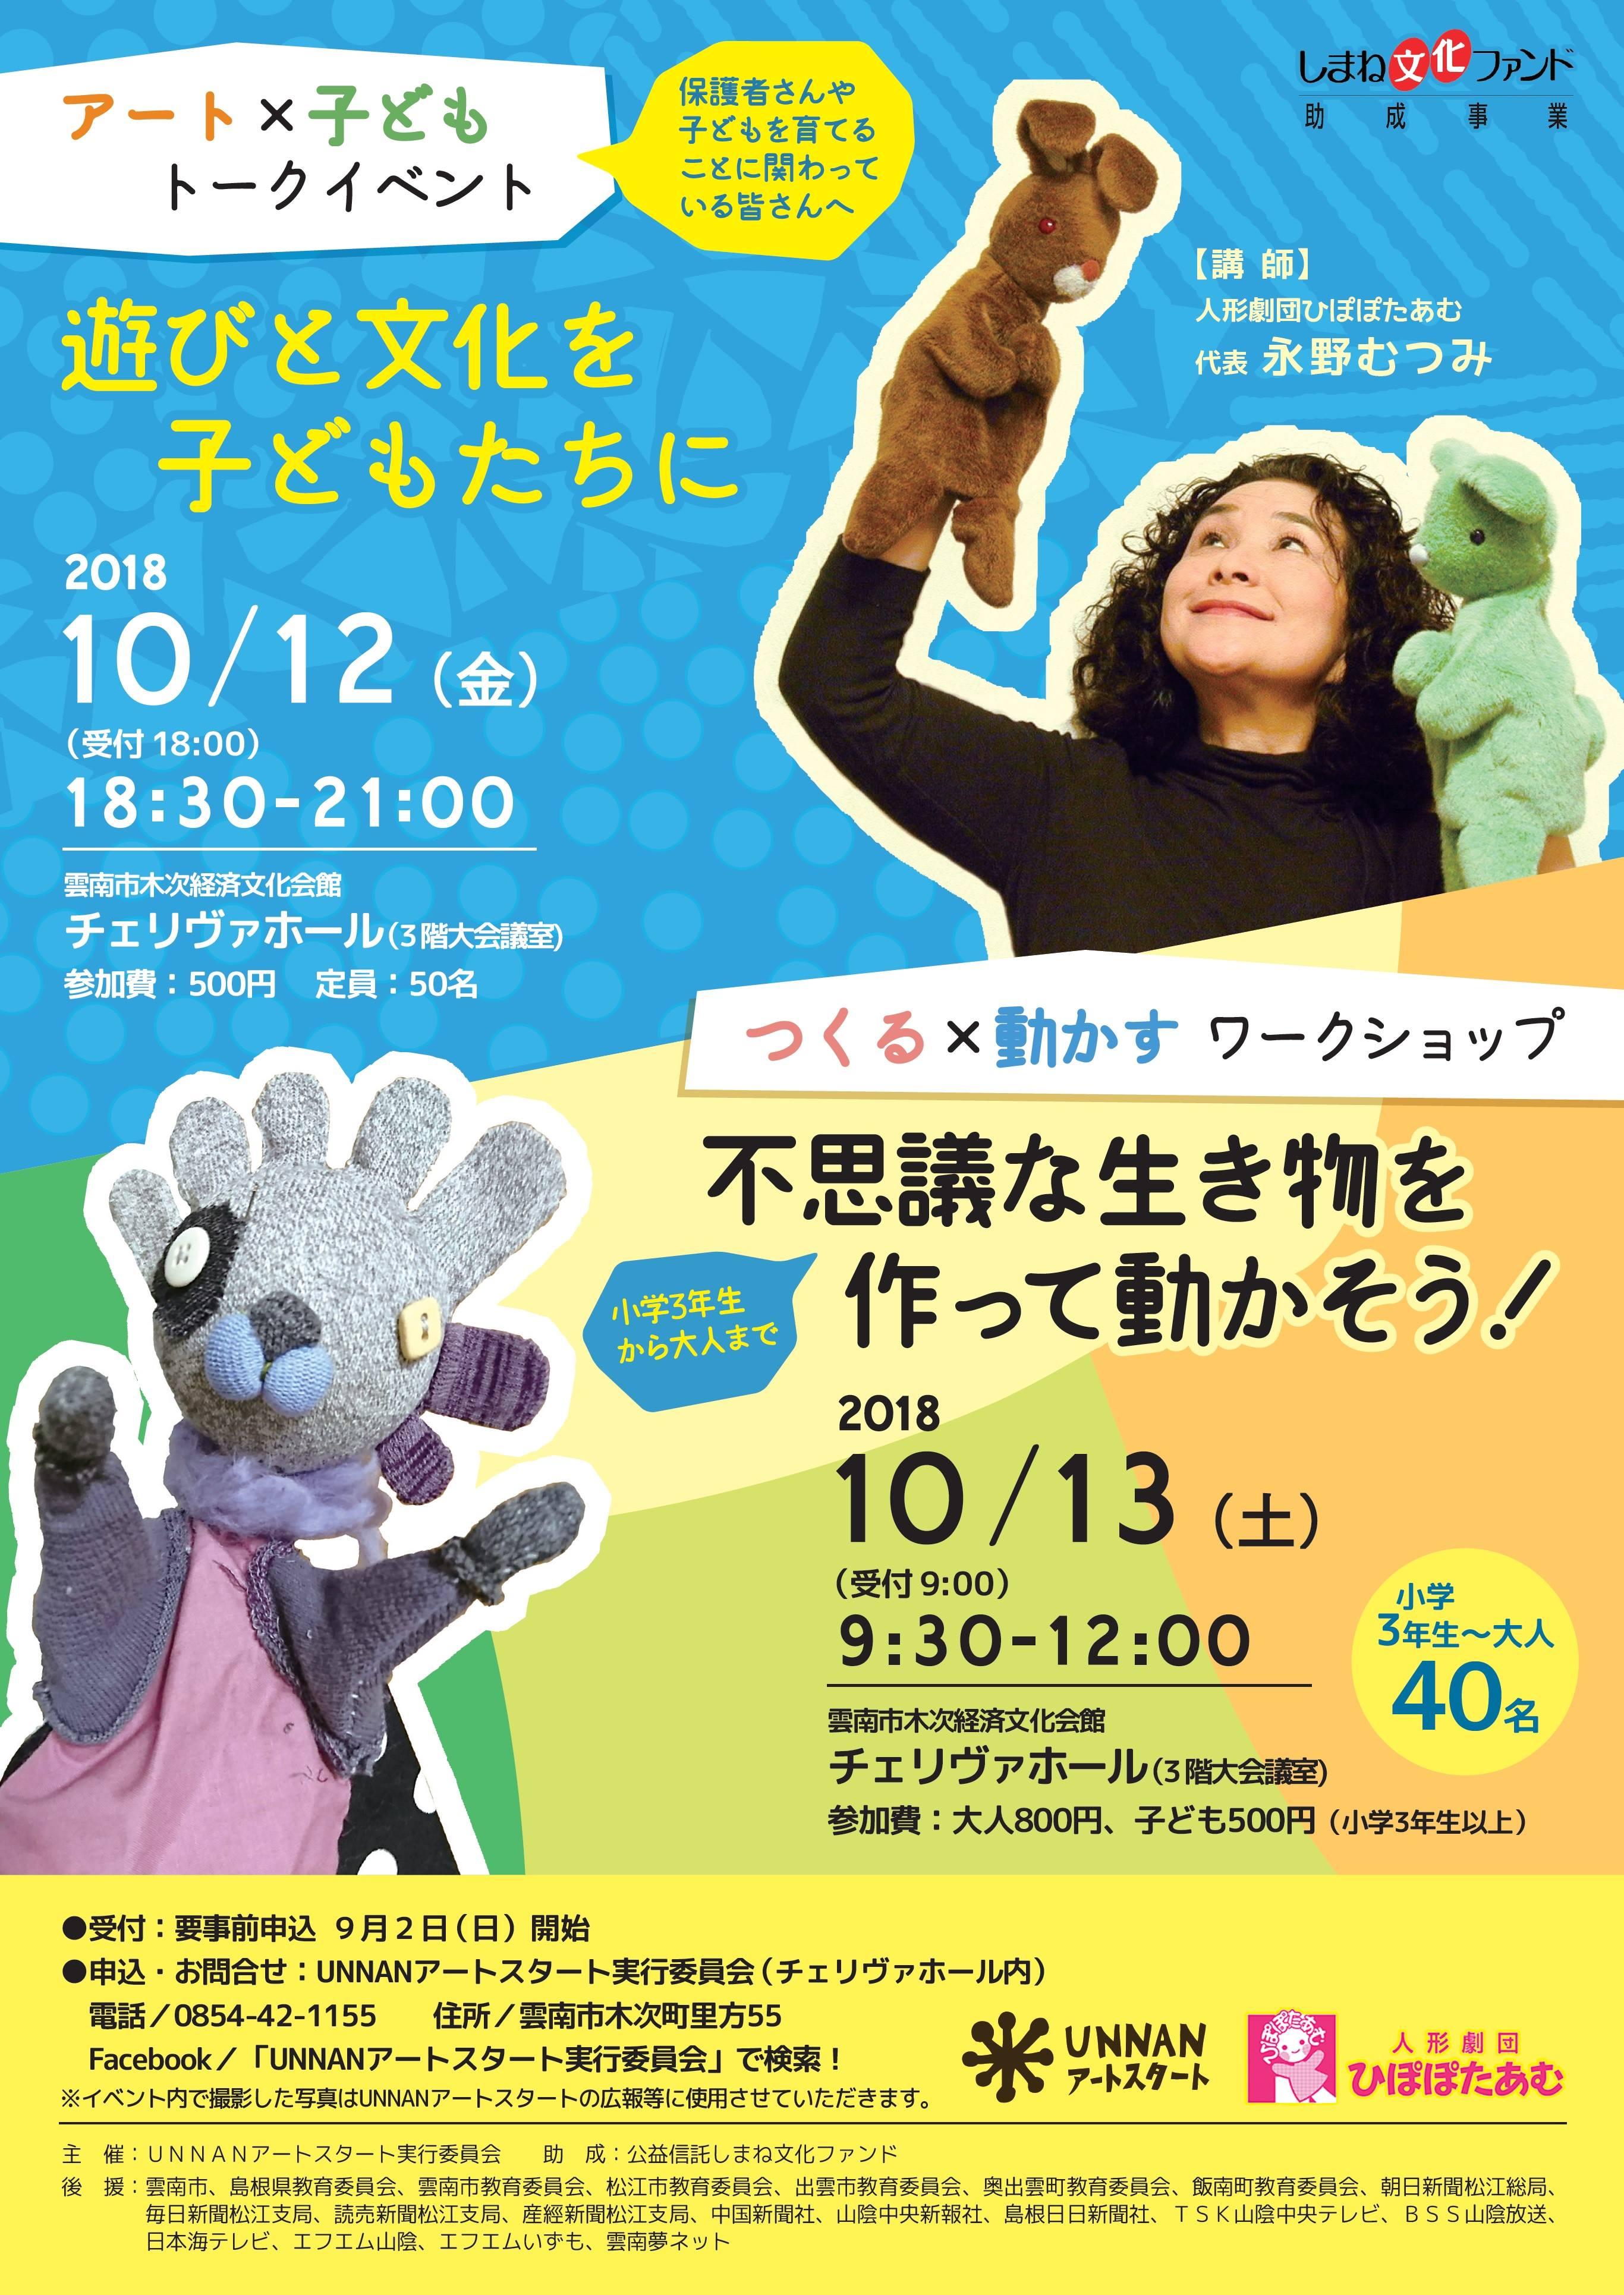 UNNANアートスタート永野むつみ「遊びと文化を子どもたちに」トークイベント